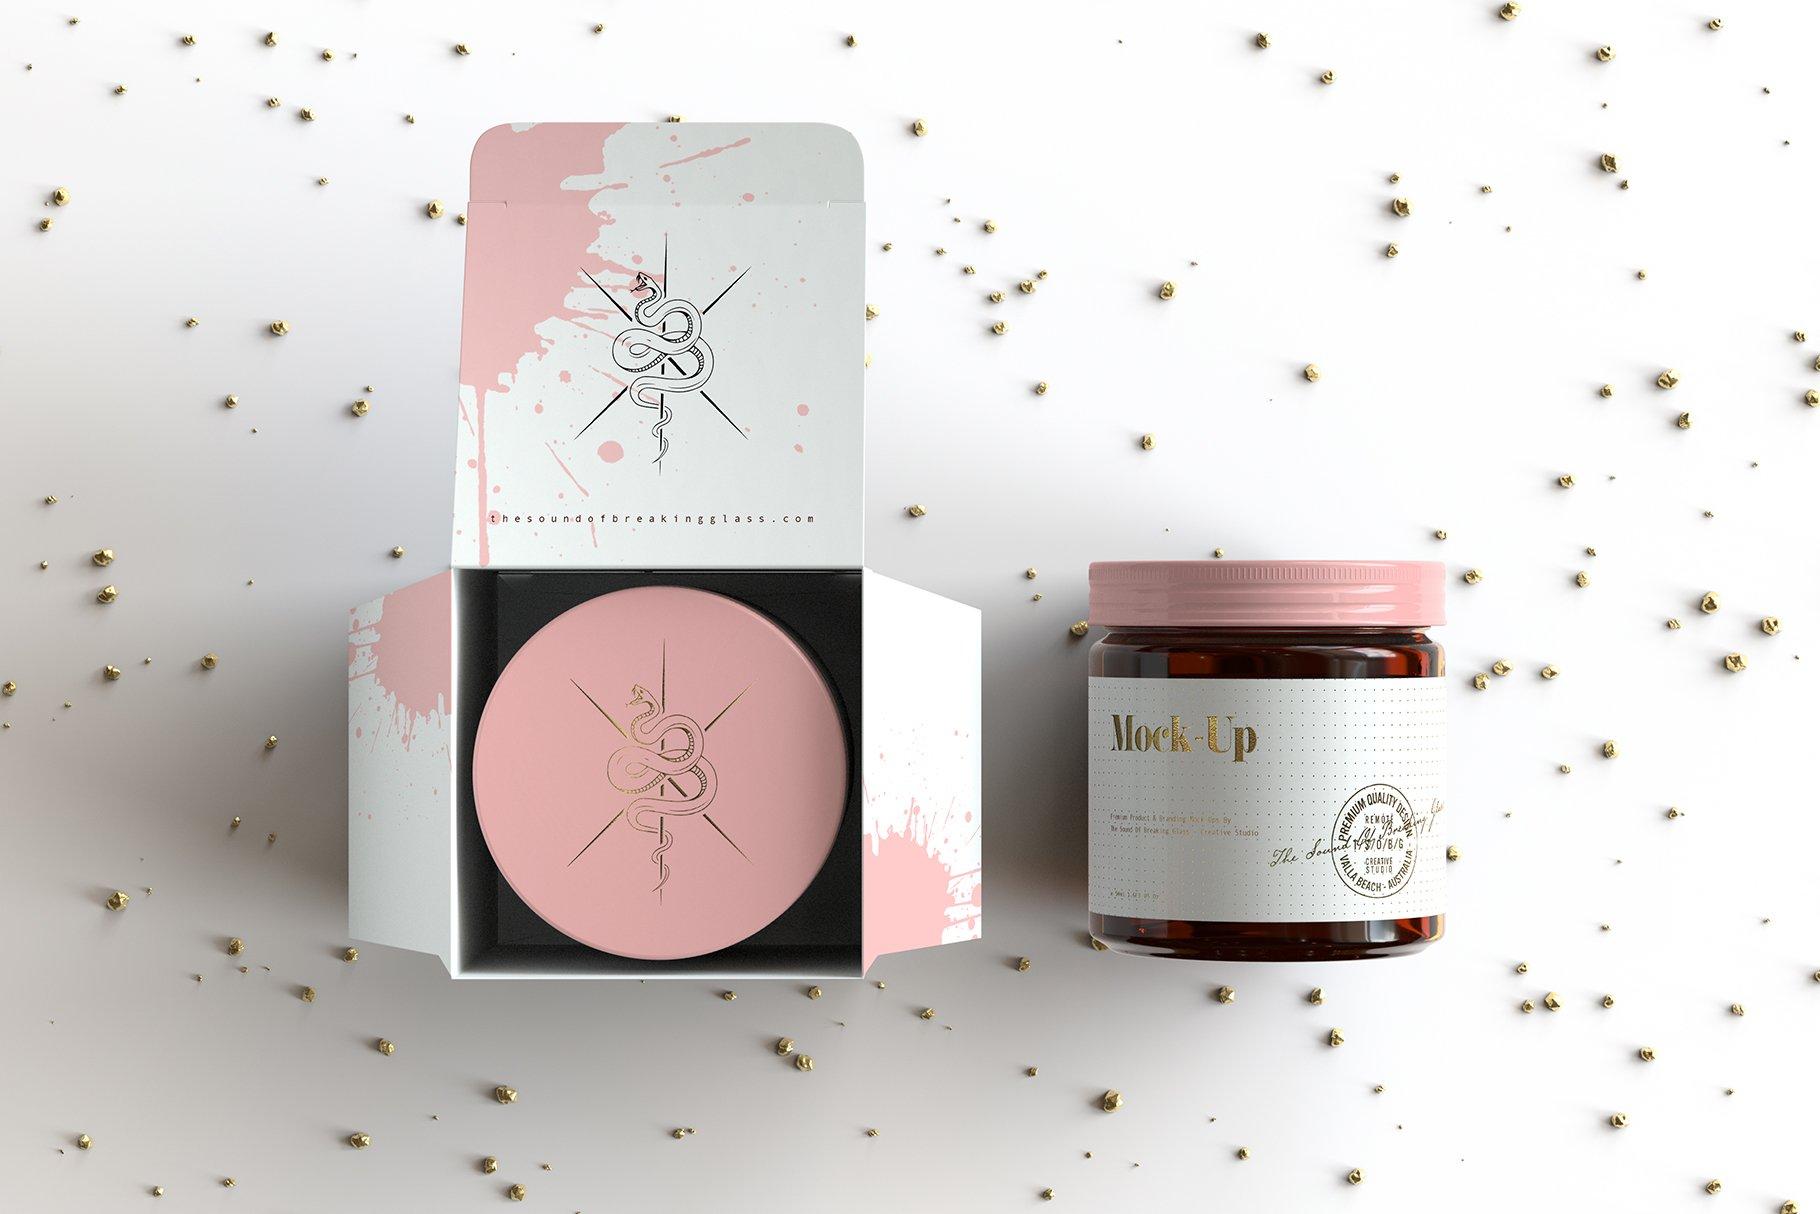 6款棕色化妆品玻璃罐包装盒设计展示样机 Amber Glass Jar & Box Mockup Vol.2插图(5)